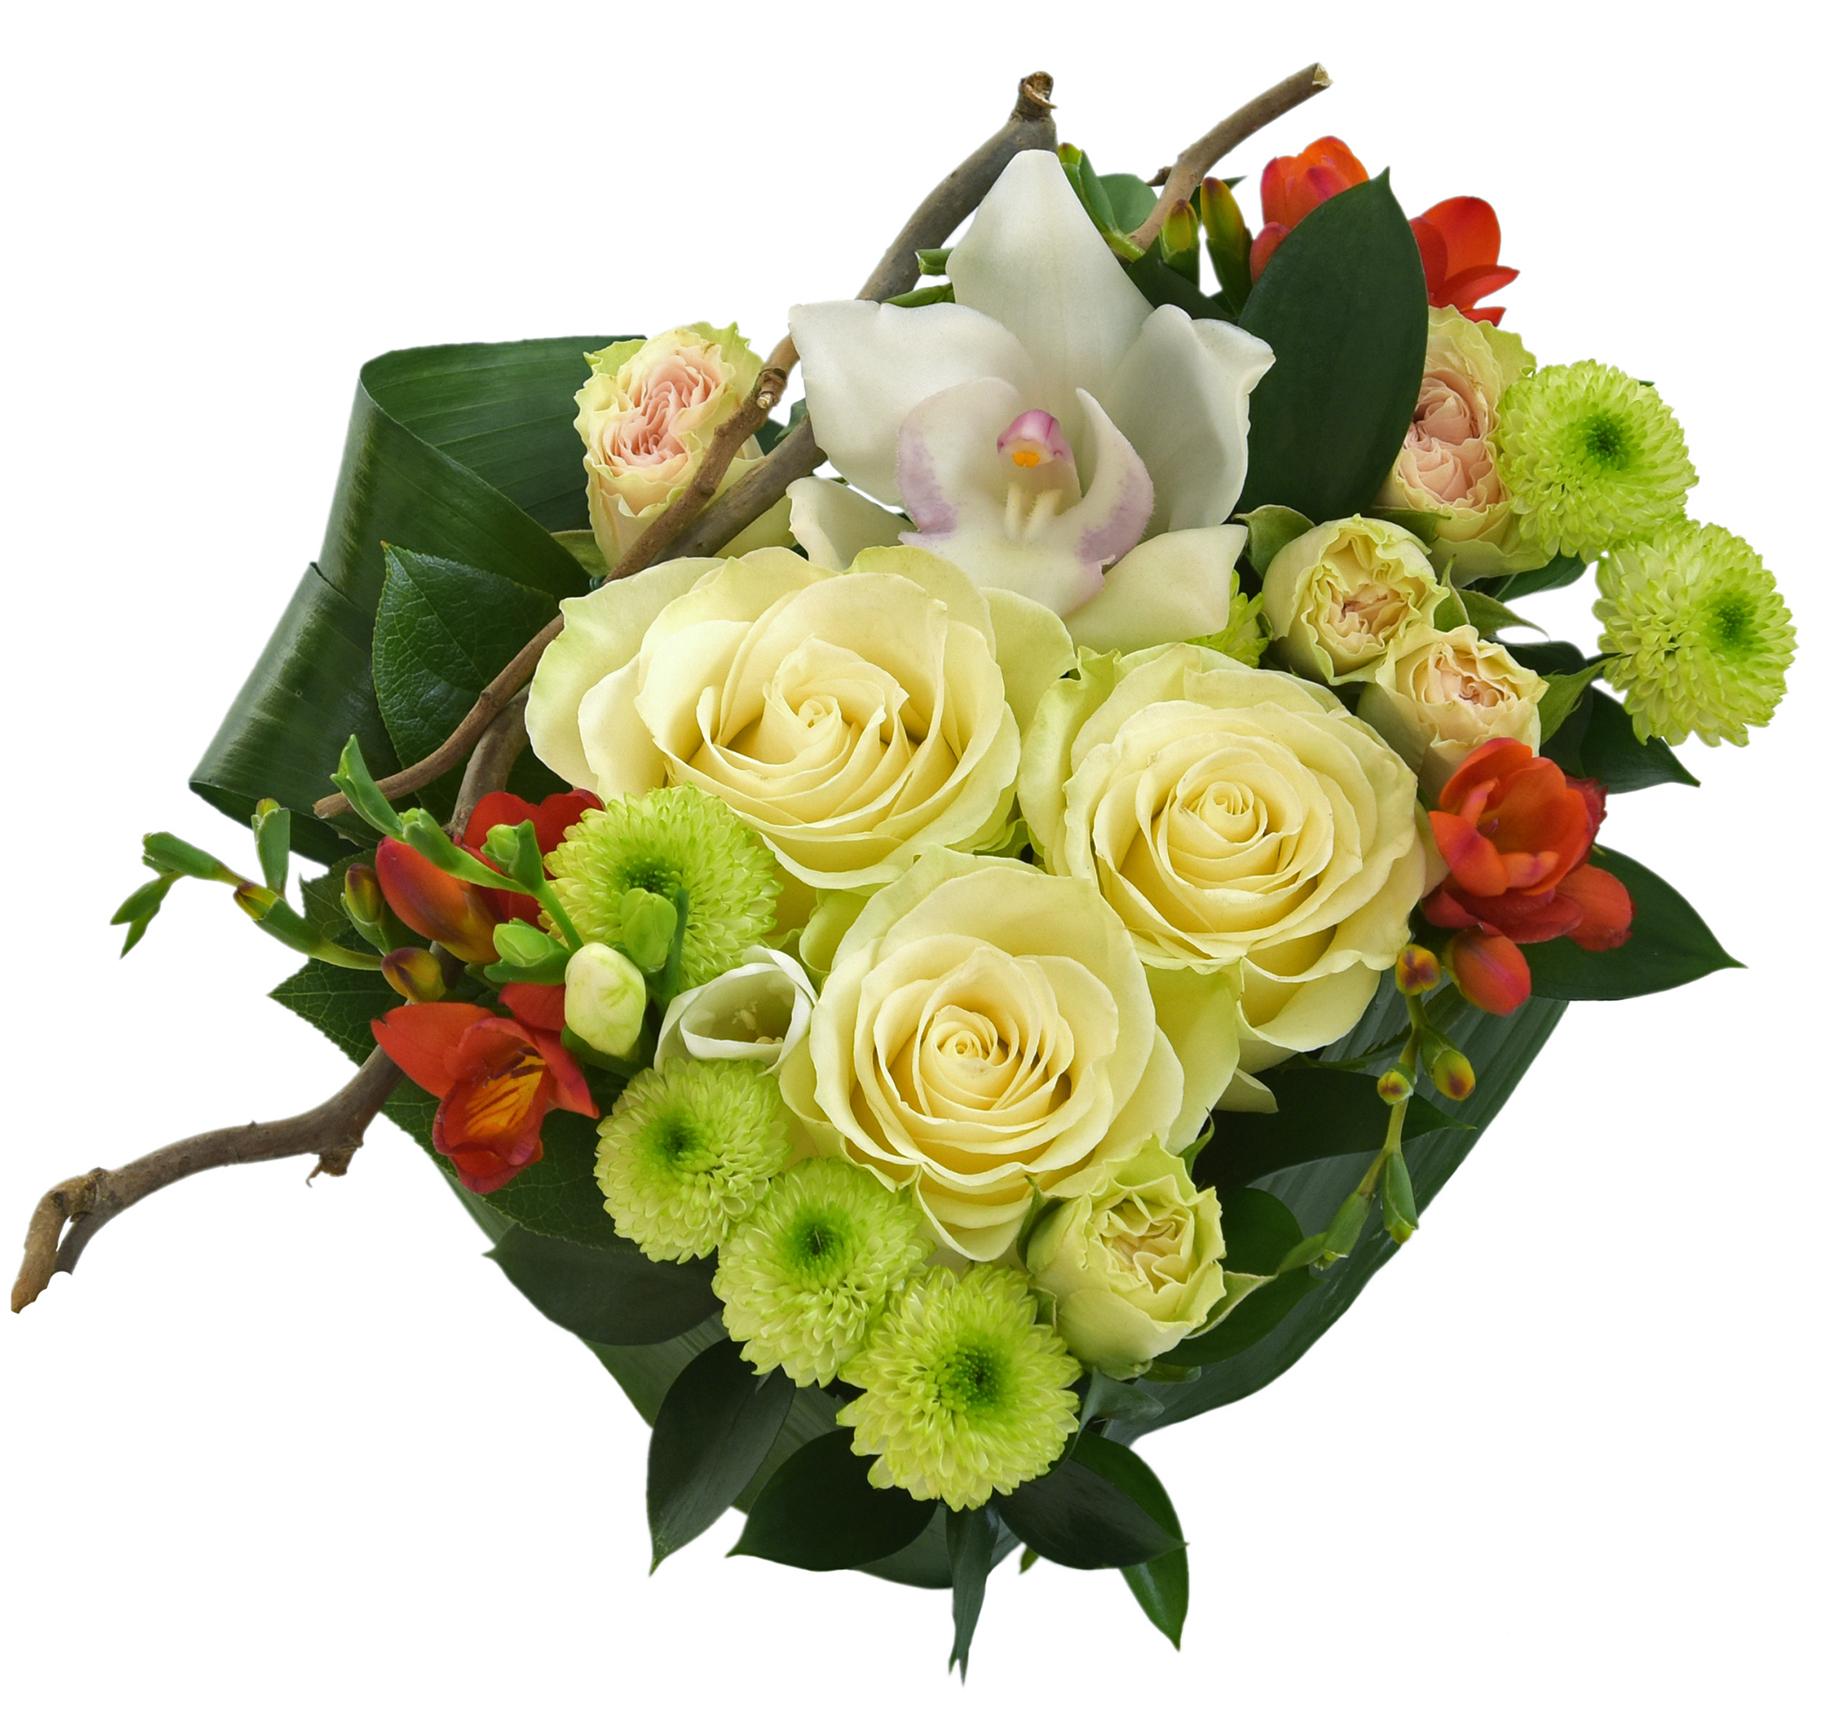 Comanda online aranjamente florale in forma de inima